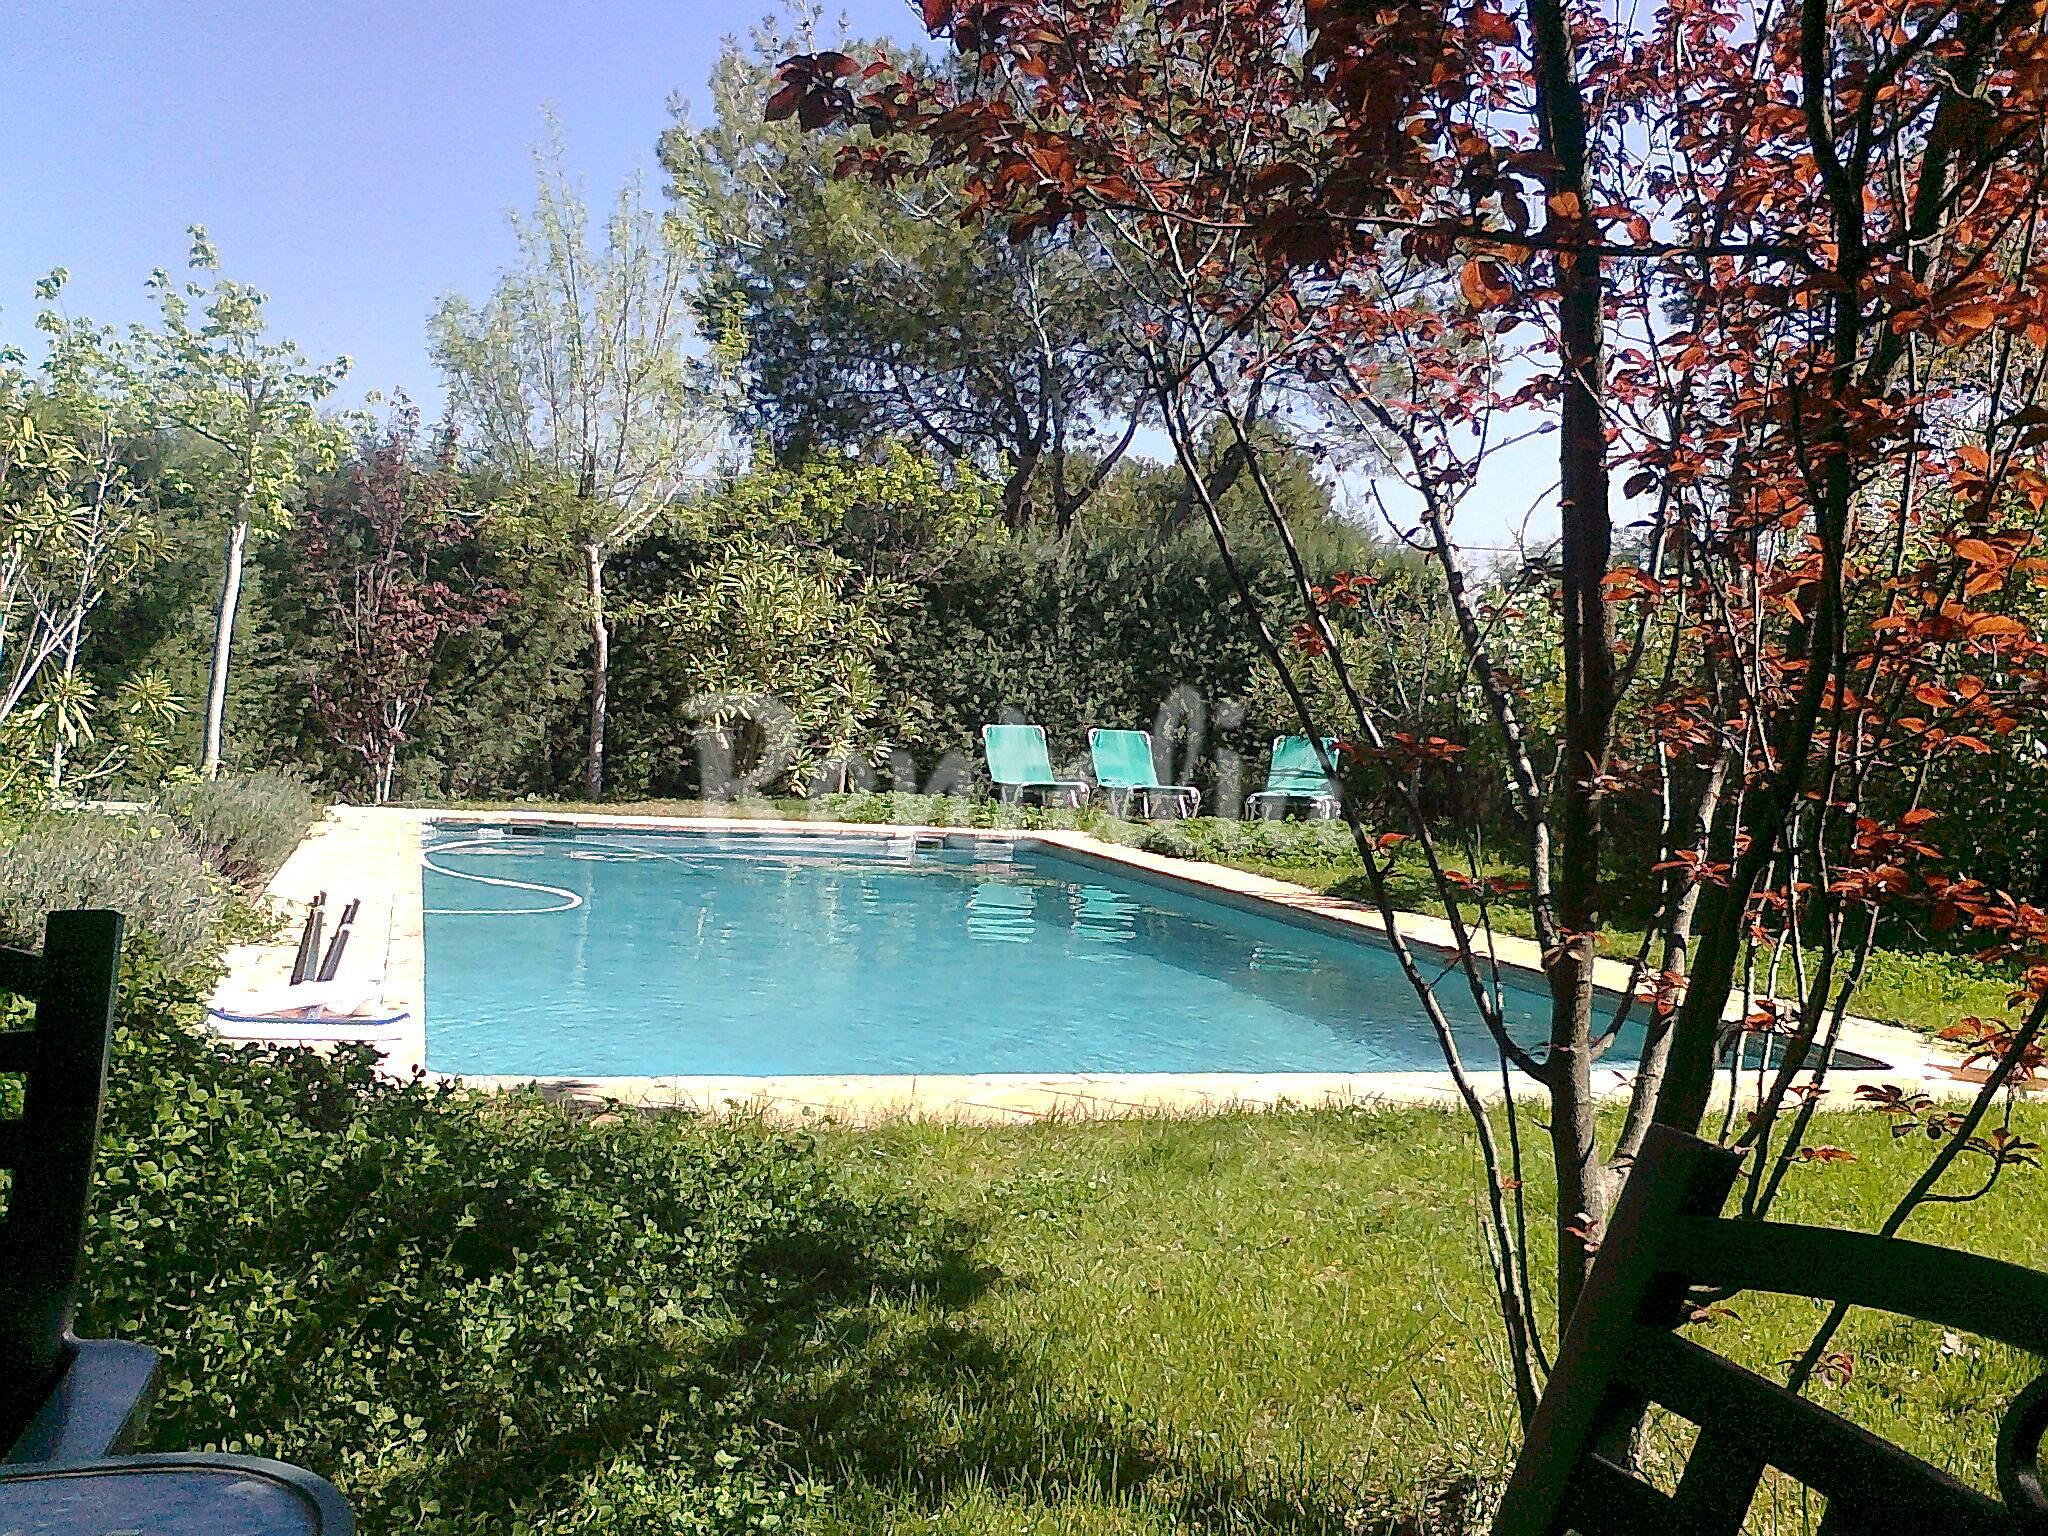 Villa con piscina privada en urb el bosque el bosque for Piscinas privadas madrid